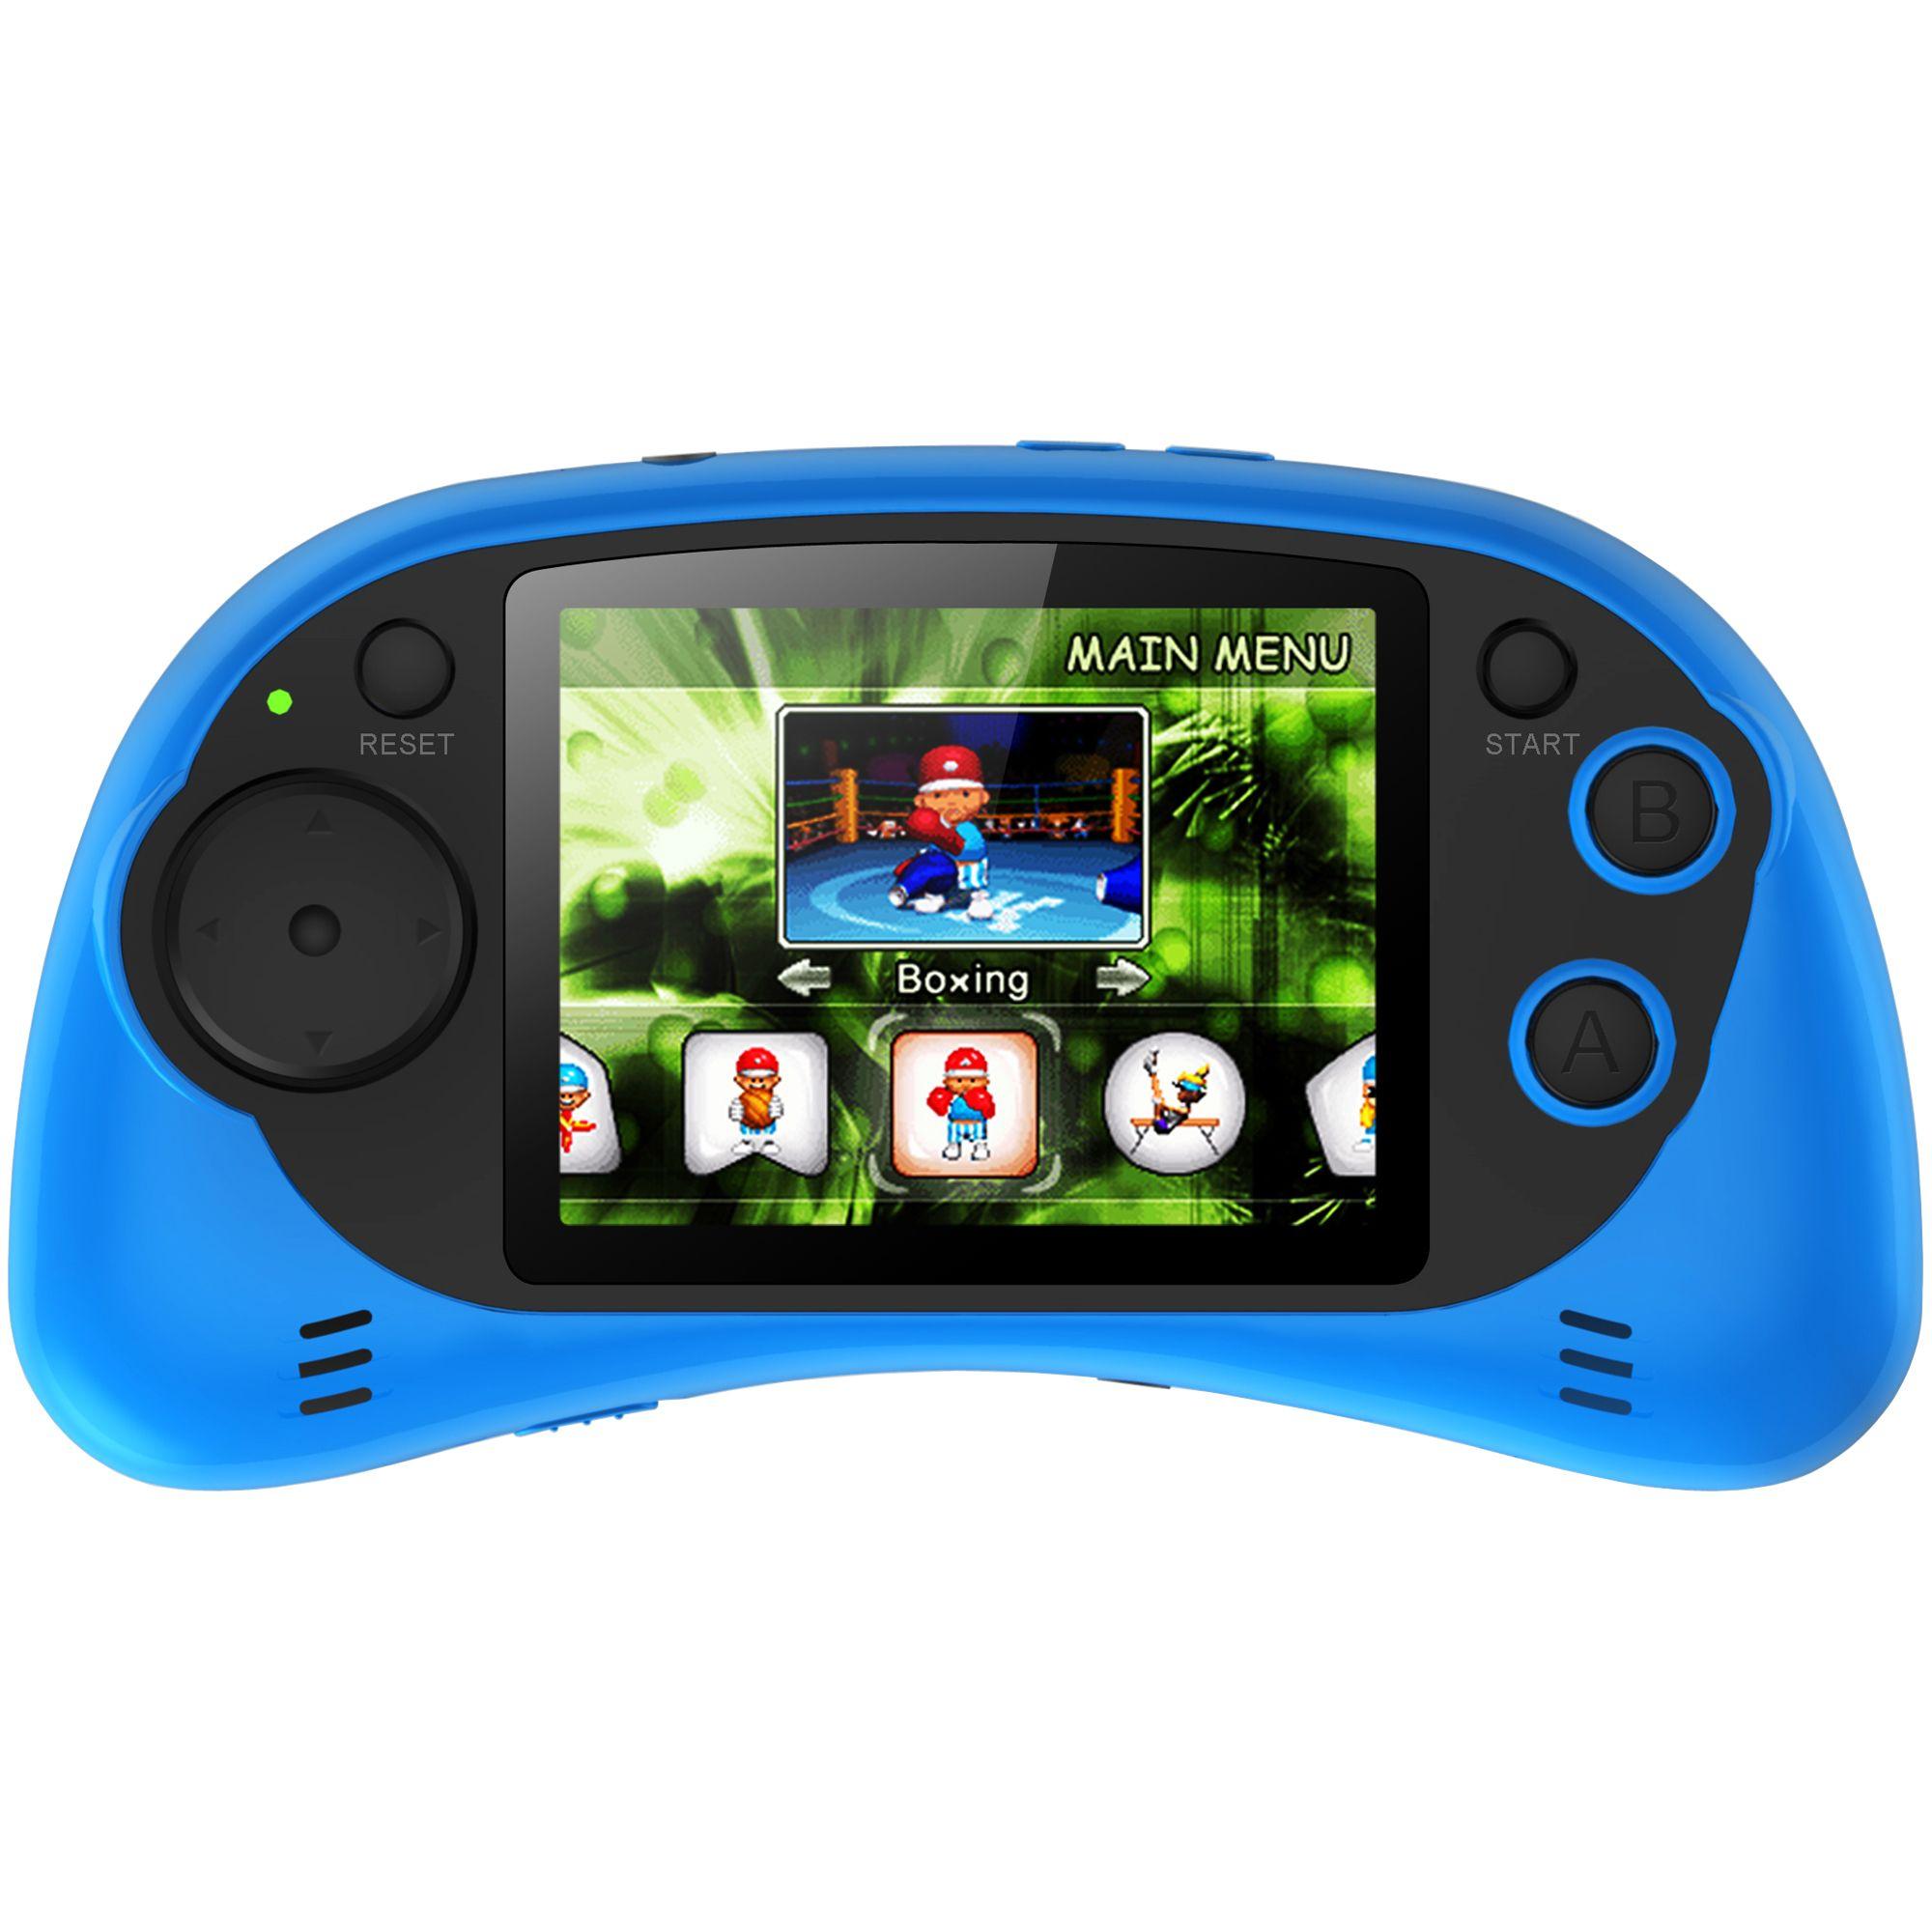 Consola portabila Serioux, 200 jocuri incluse, Albastru